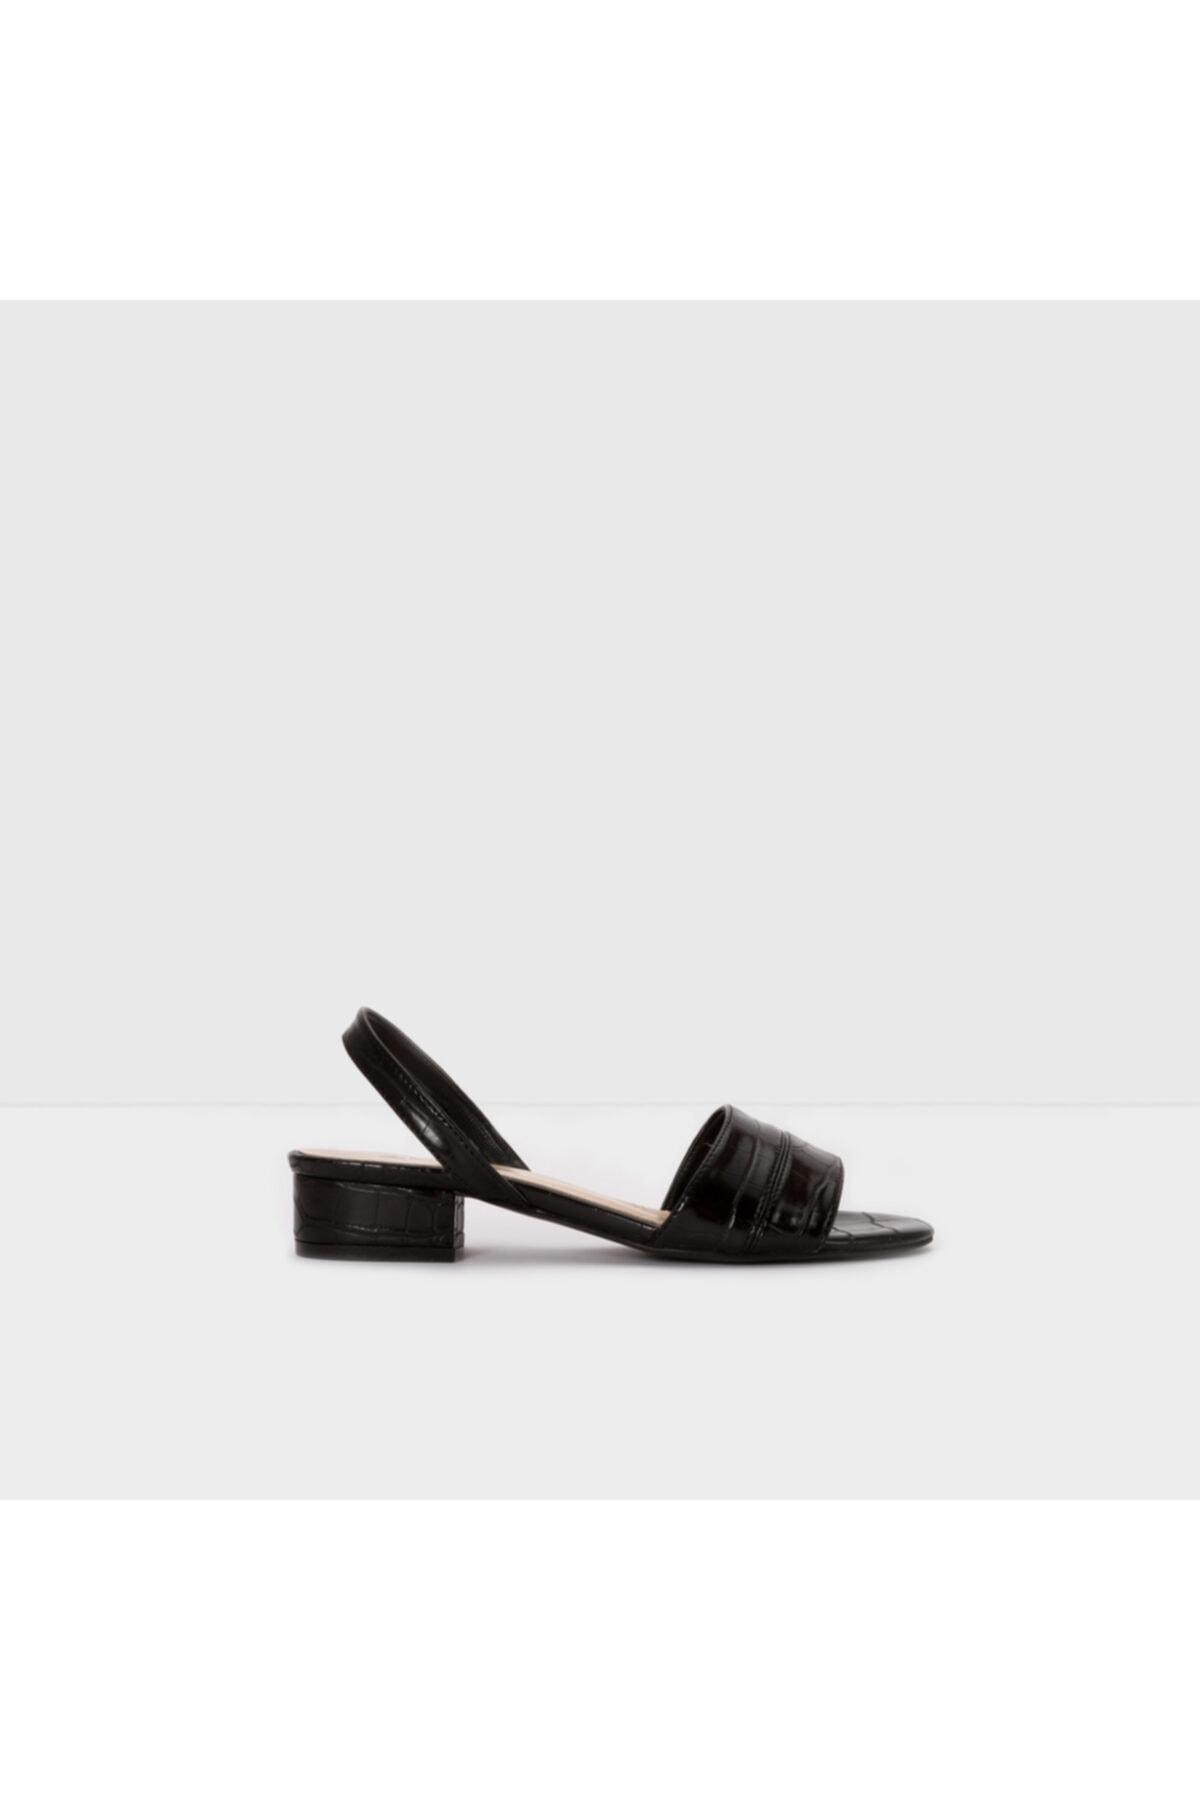 Aldo Candy-tr - Kadın Siyah Az Topuklu Ayakkabı 1